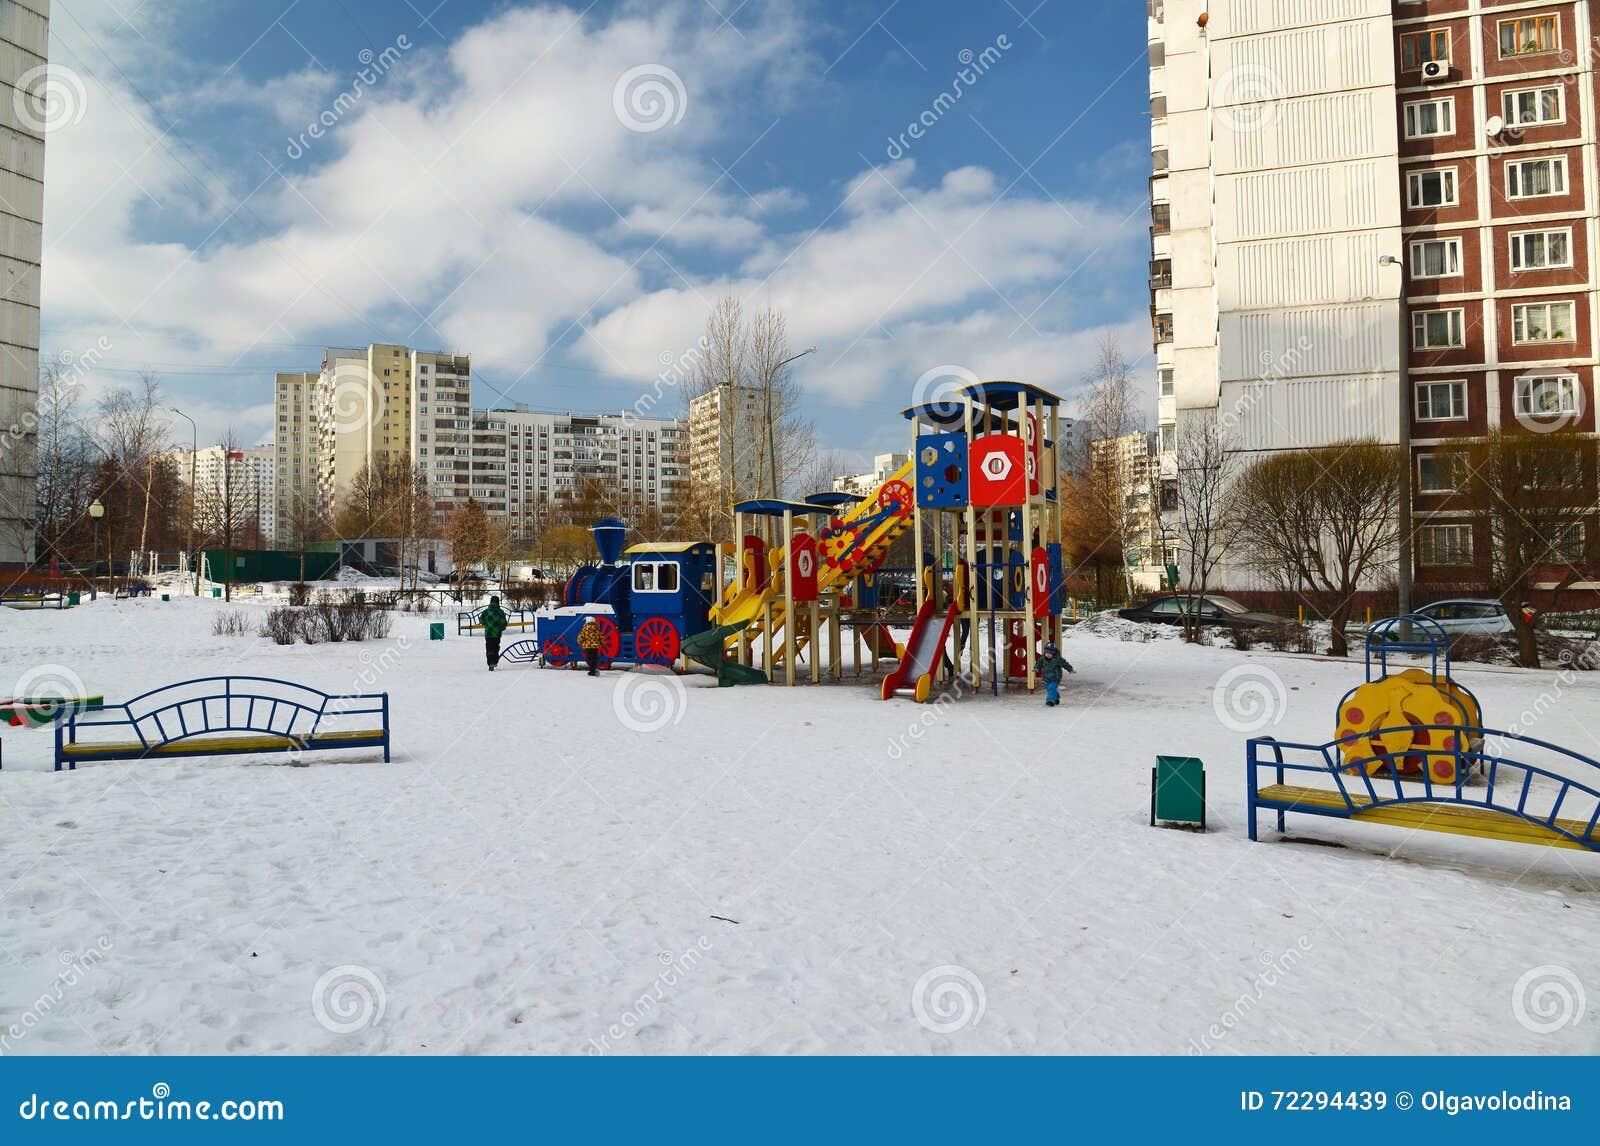 Download Москва, Москва - 20-ое февраля 2016 Структура спортивной площадки в дворе многоэтажного жилого дома Редакционное Стоковое Изображение - изображение насчитывающей cityscape, самомоднейше: 72294439